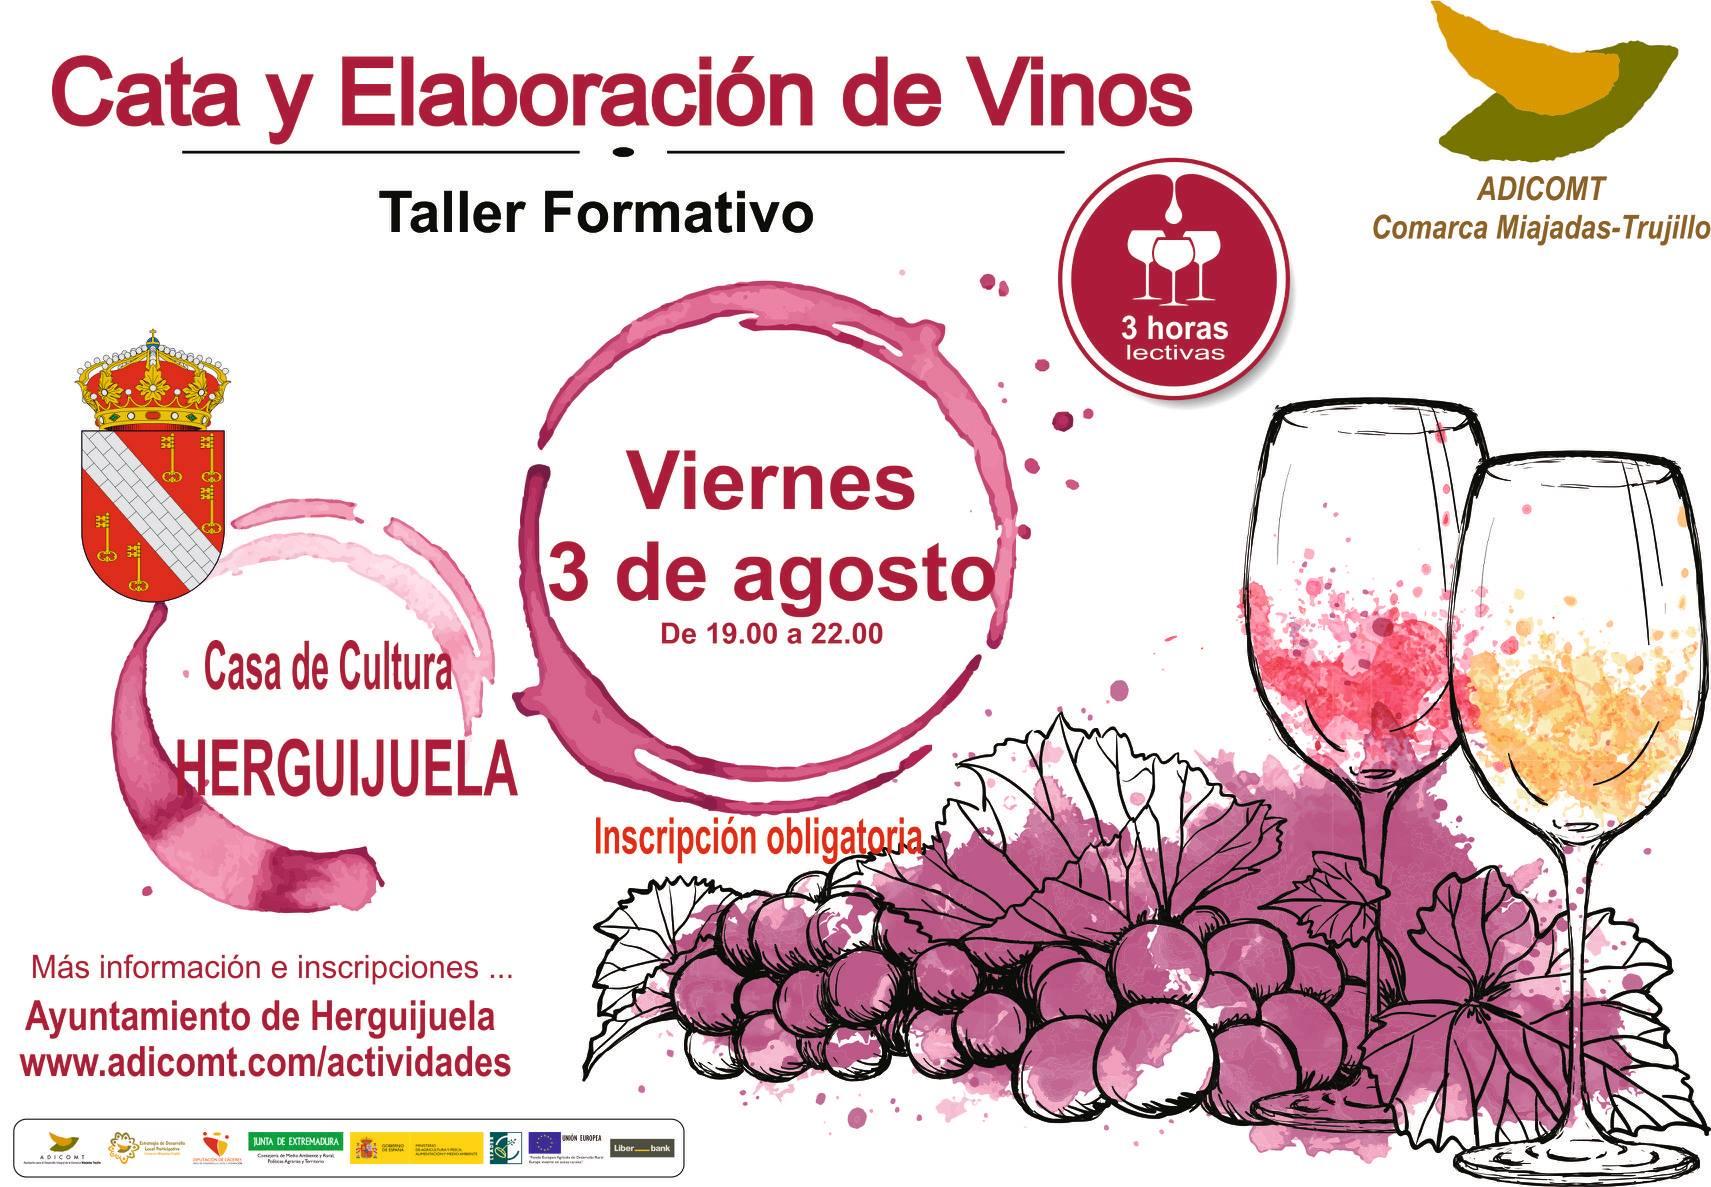 Taller de cata y elaboración de vinos 2018 - Herguijuela (Cáceres)